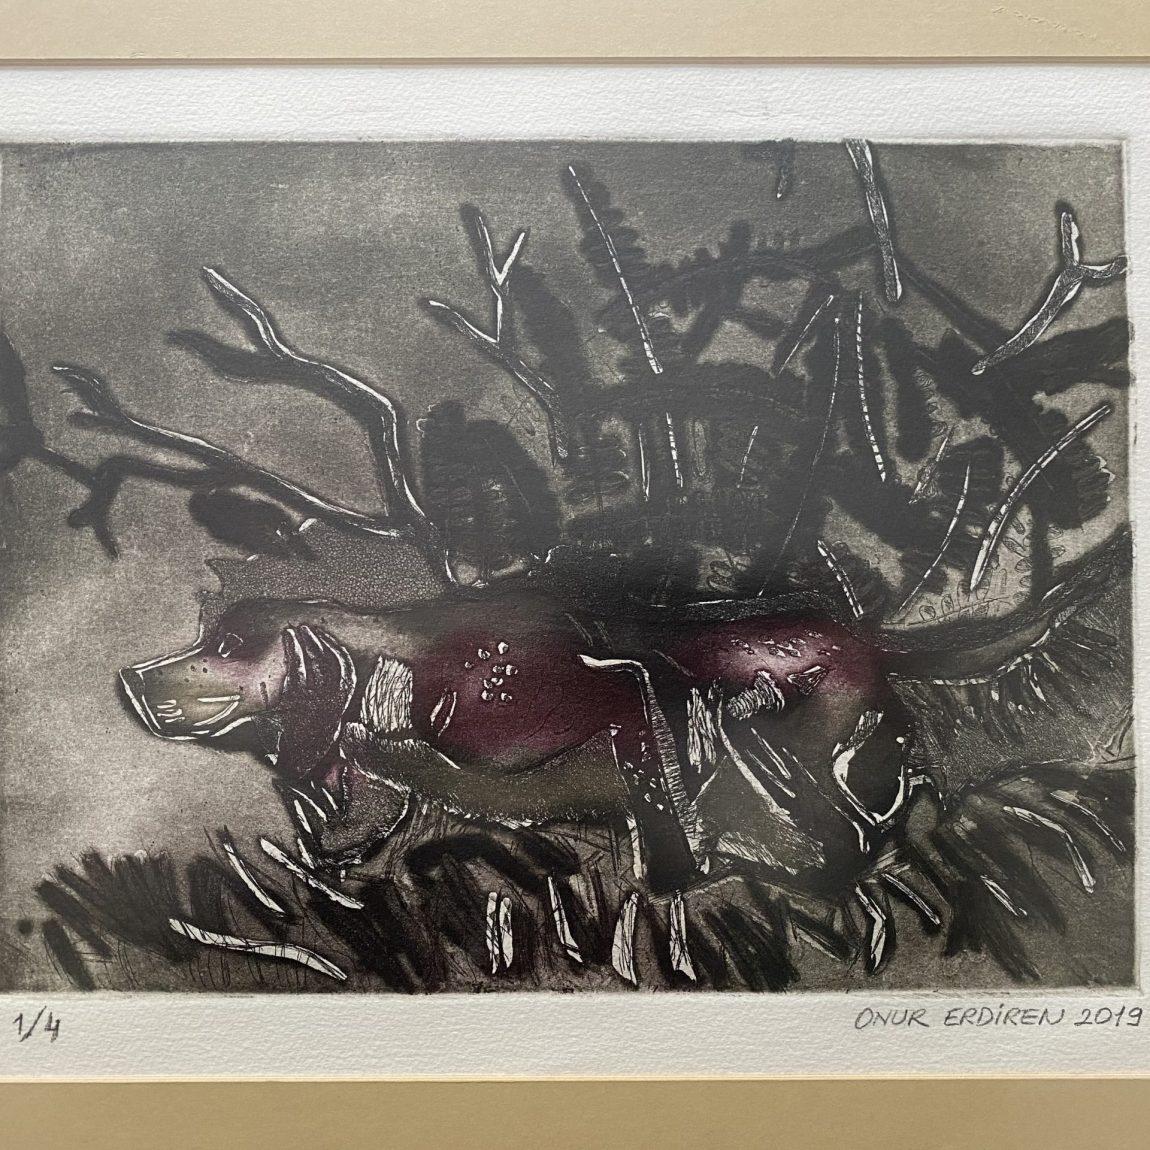 Yıldırım Onur Erdiren - Eser Adı : Doğa Teknik: Gravür Baskı  Ölçü: 35 x 50 cm Fiyat : 1.180 TL